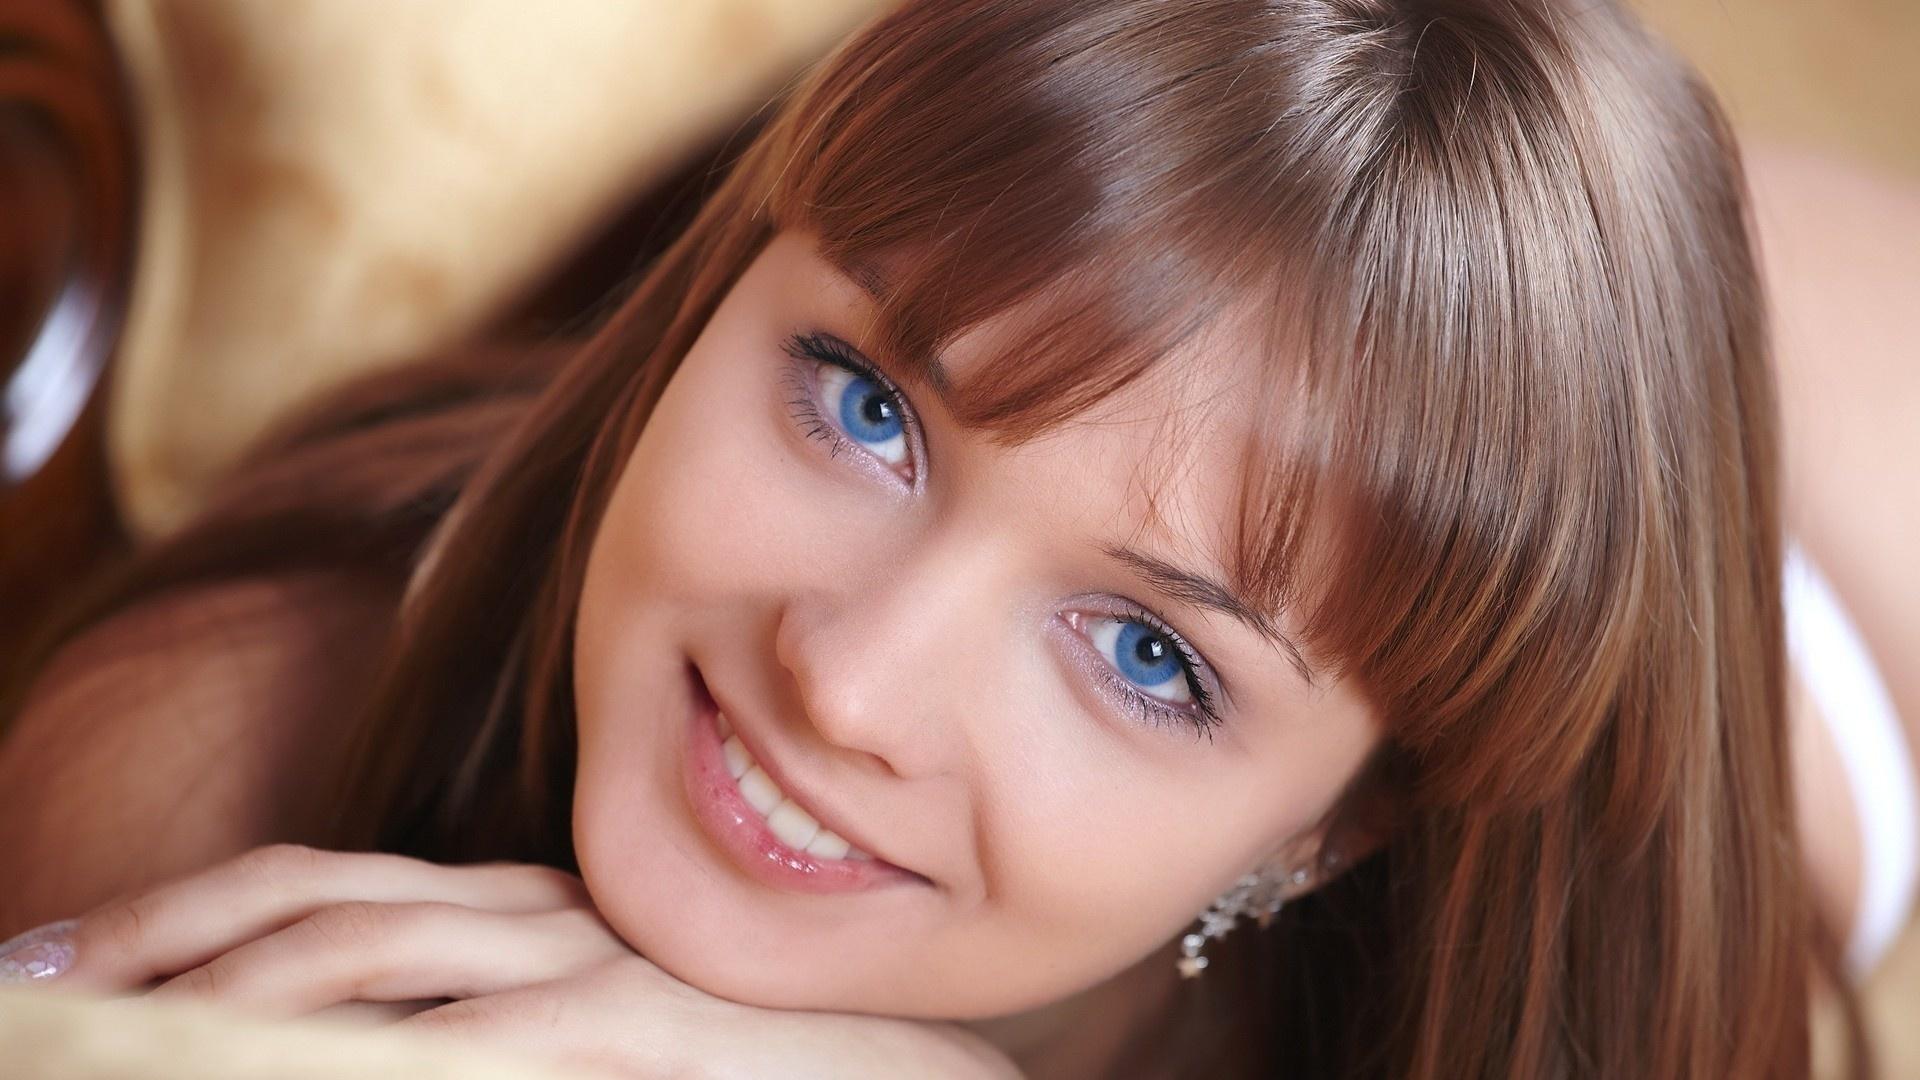 голубые глаза, лицо, улыбка, красивая, девушка